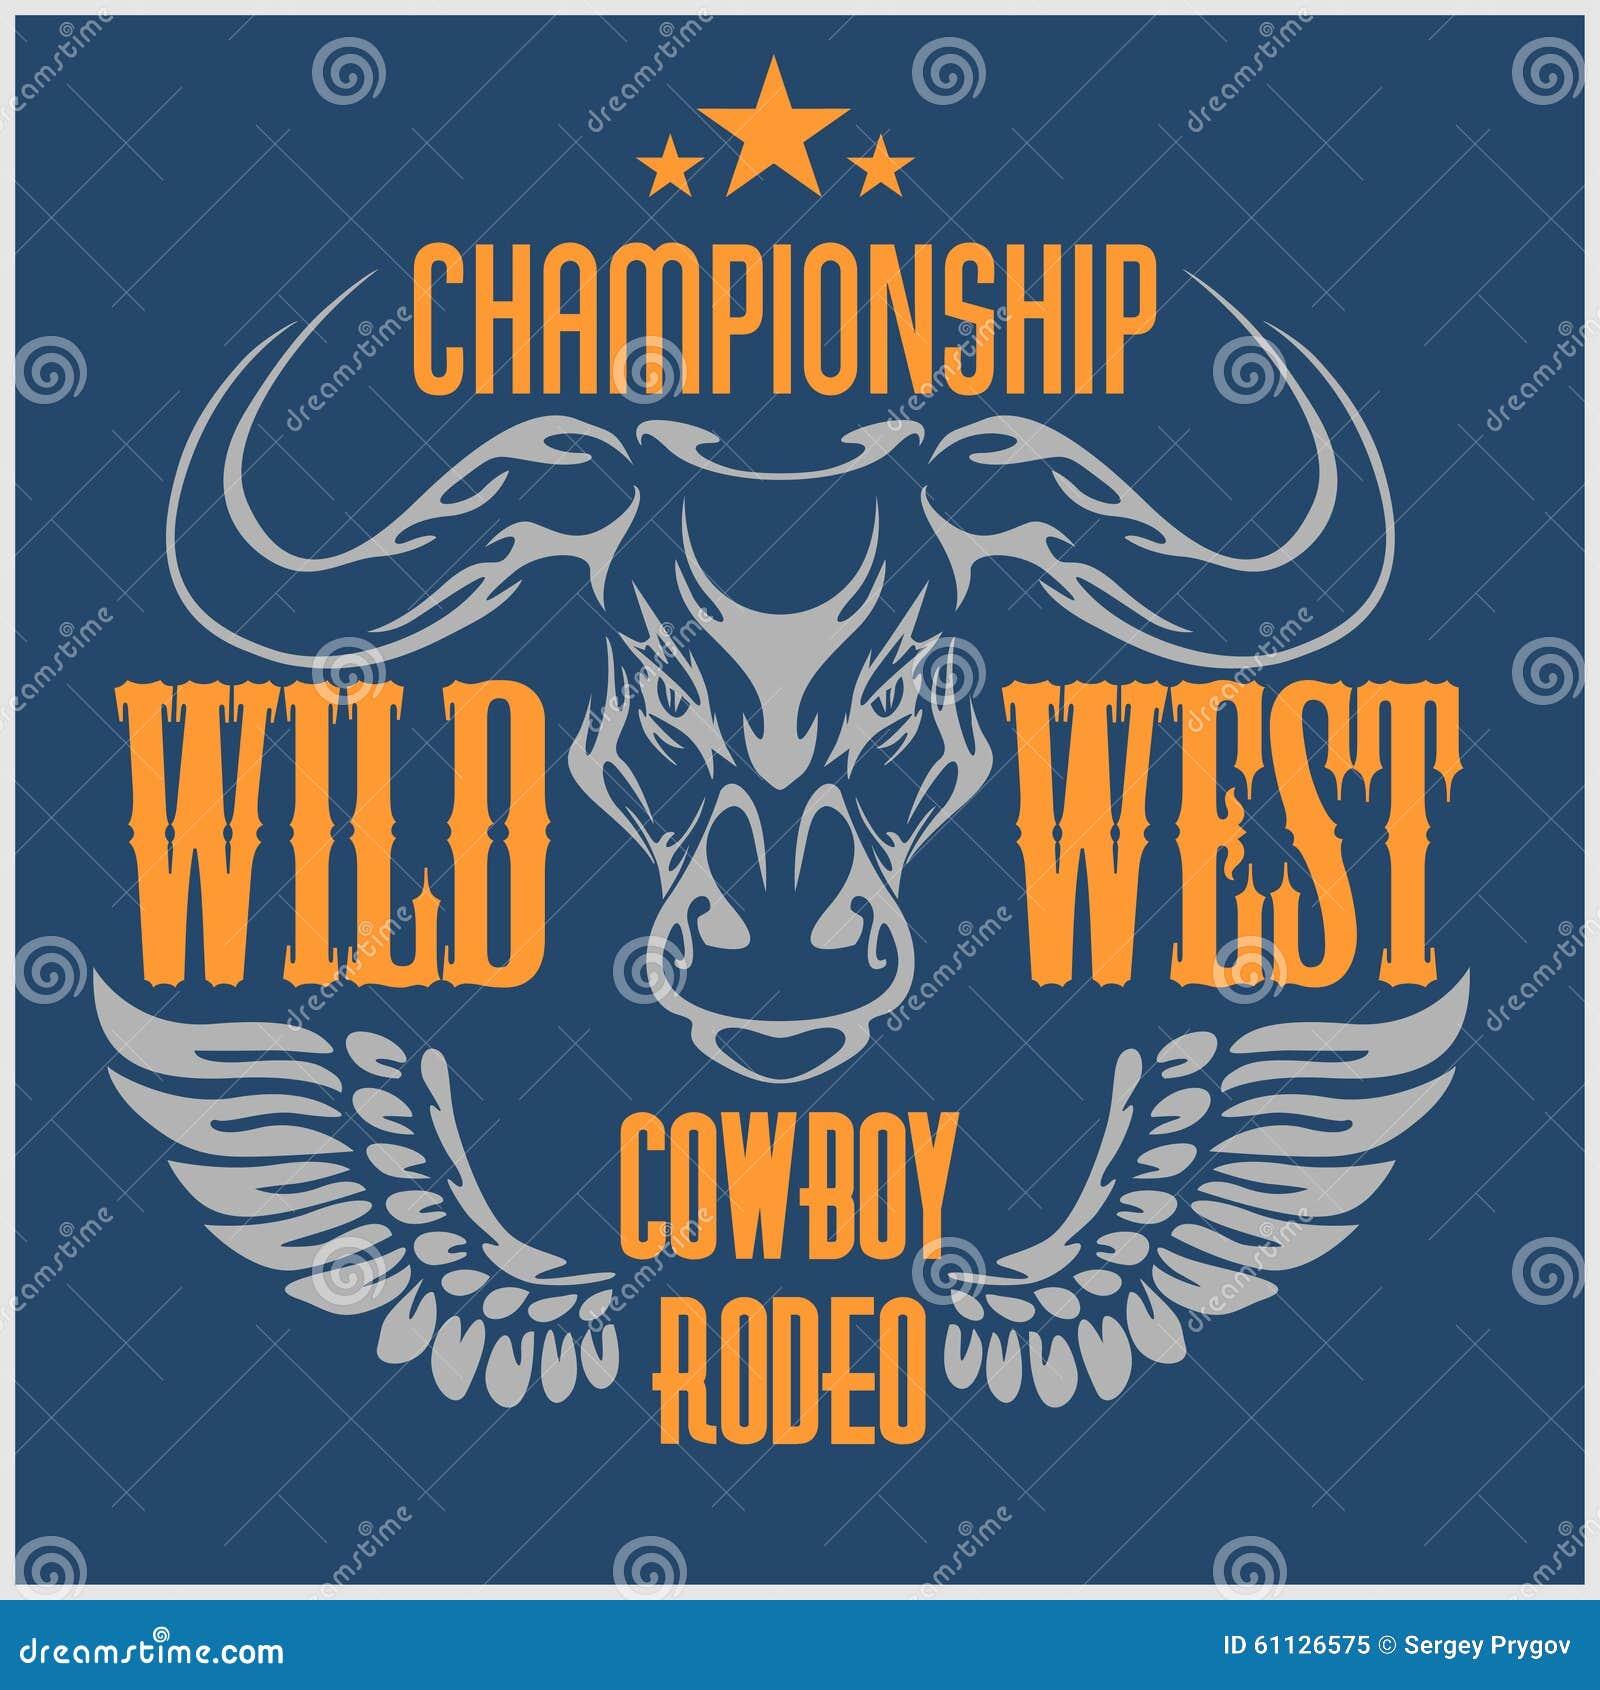 Wild het westenkampioenschap - cowboyrodeo Vector